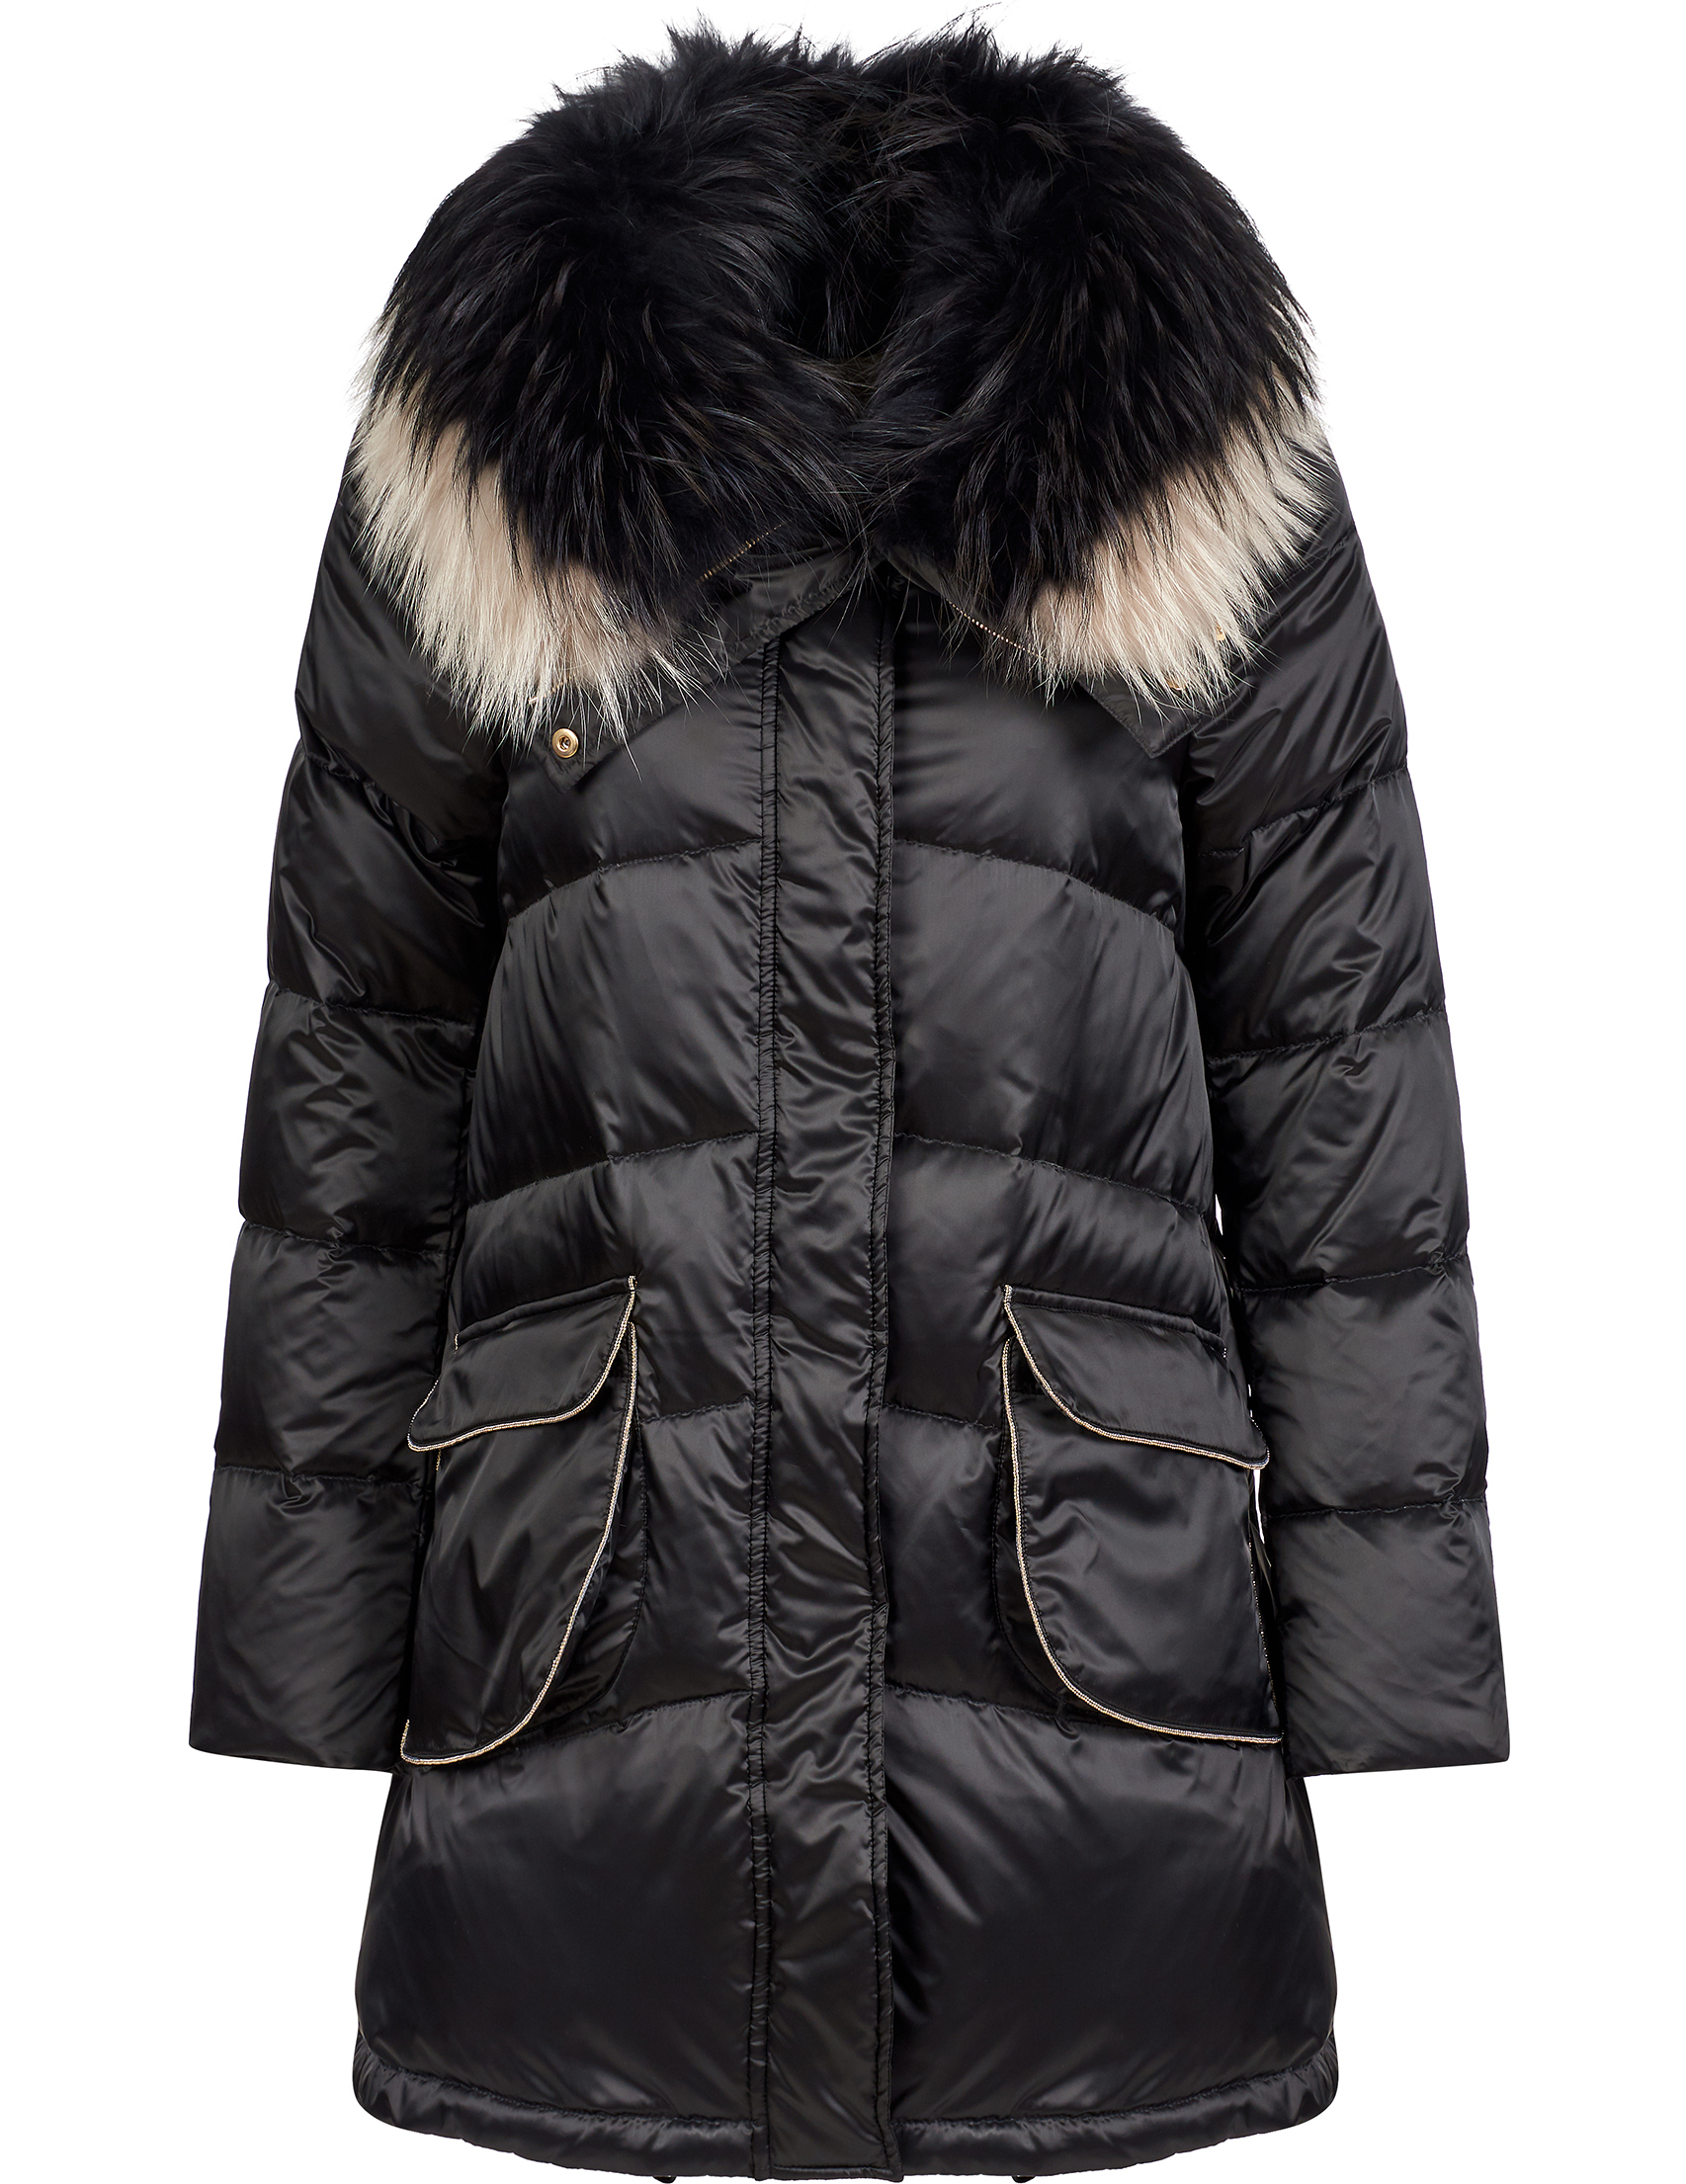 Купить Куртки, Куртка, GALLOTTI, Черный, 100%Полиамид;100%Полиэстер;100%Мех, Осень-Зима